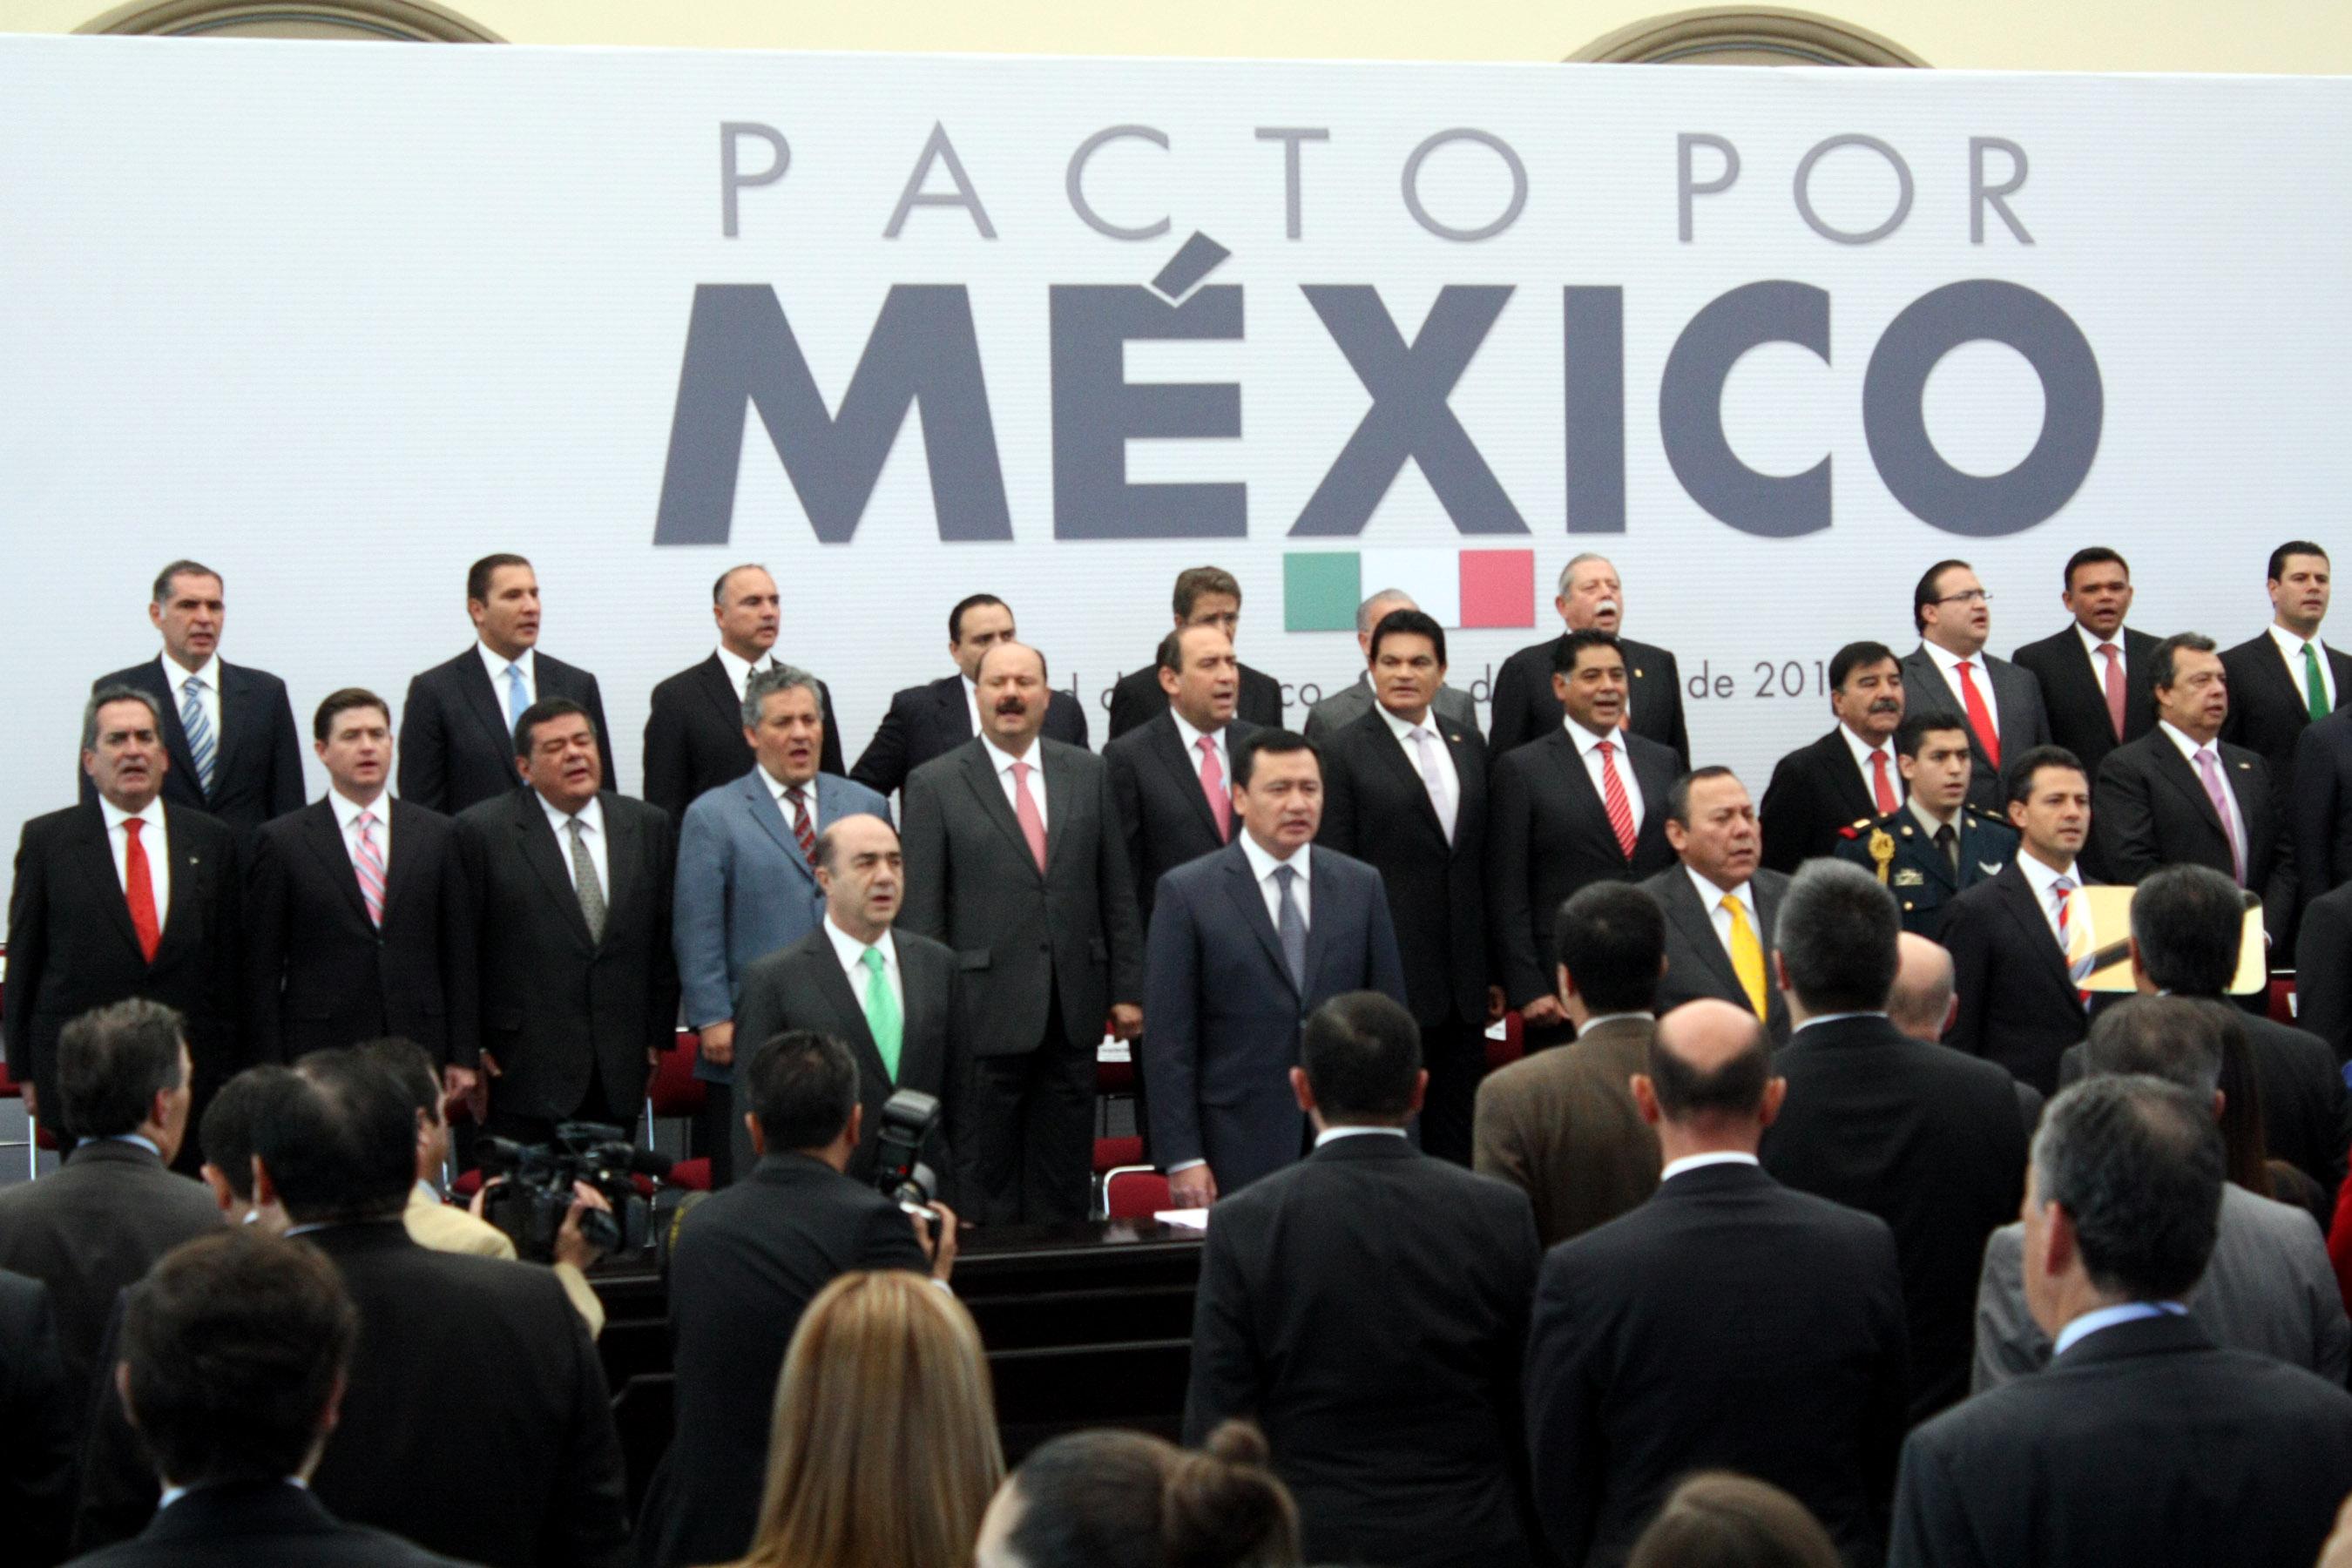 Pacto por m xico origen de l reforma pol tica y la creaci n del ine